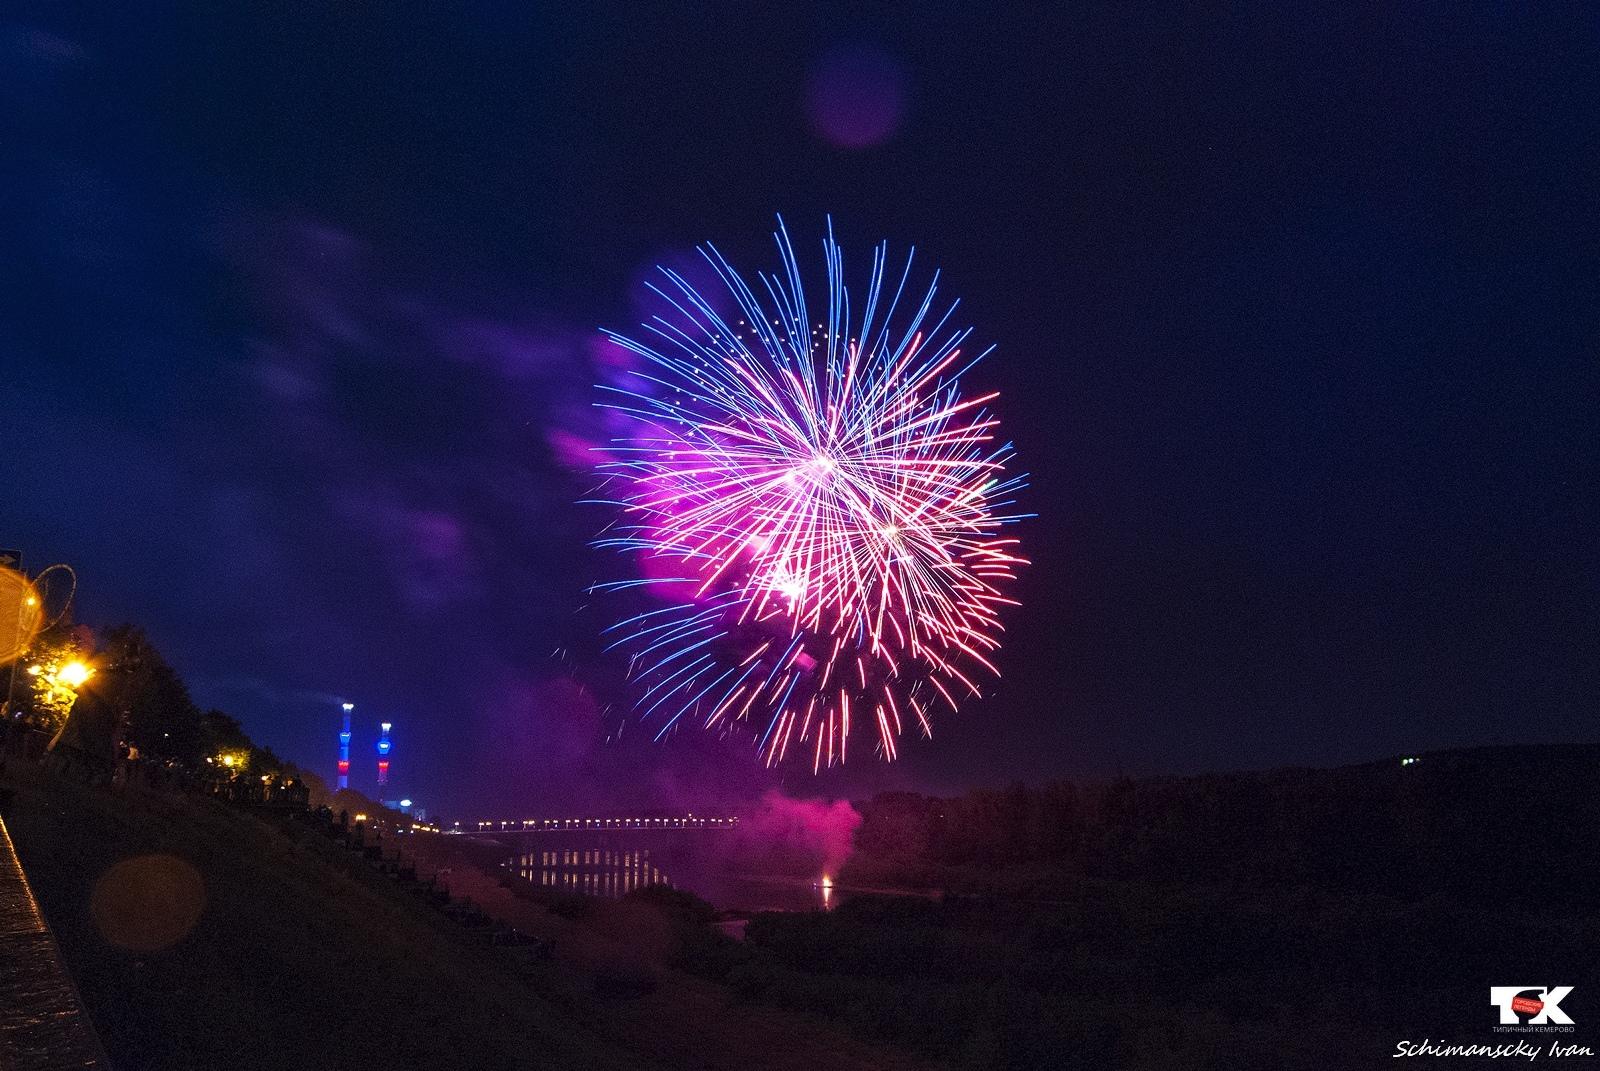 25 августа на День Шахтёра в Кемерово отгремят сразу два салюта.